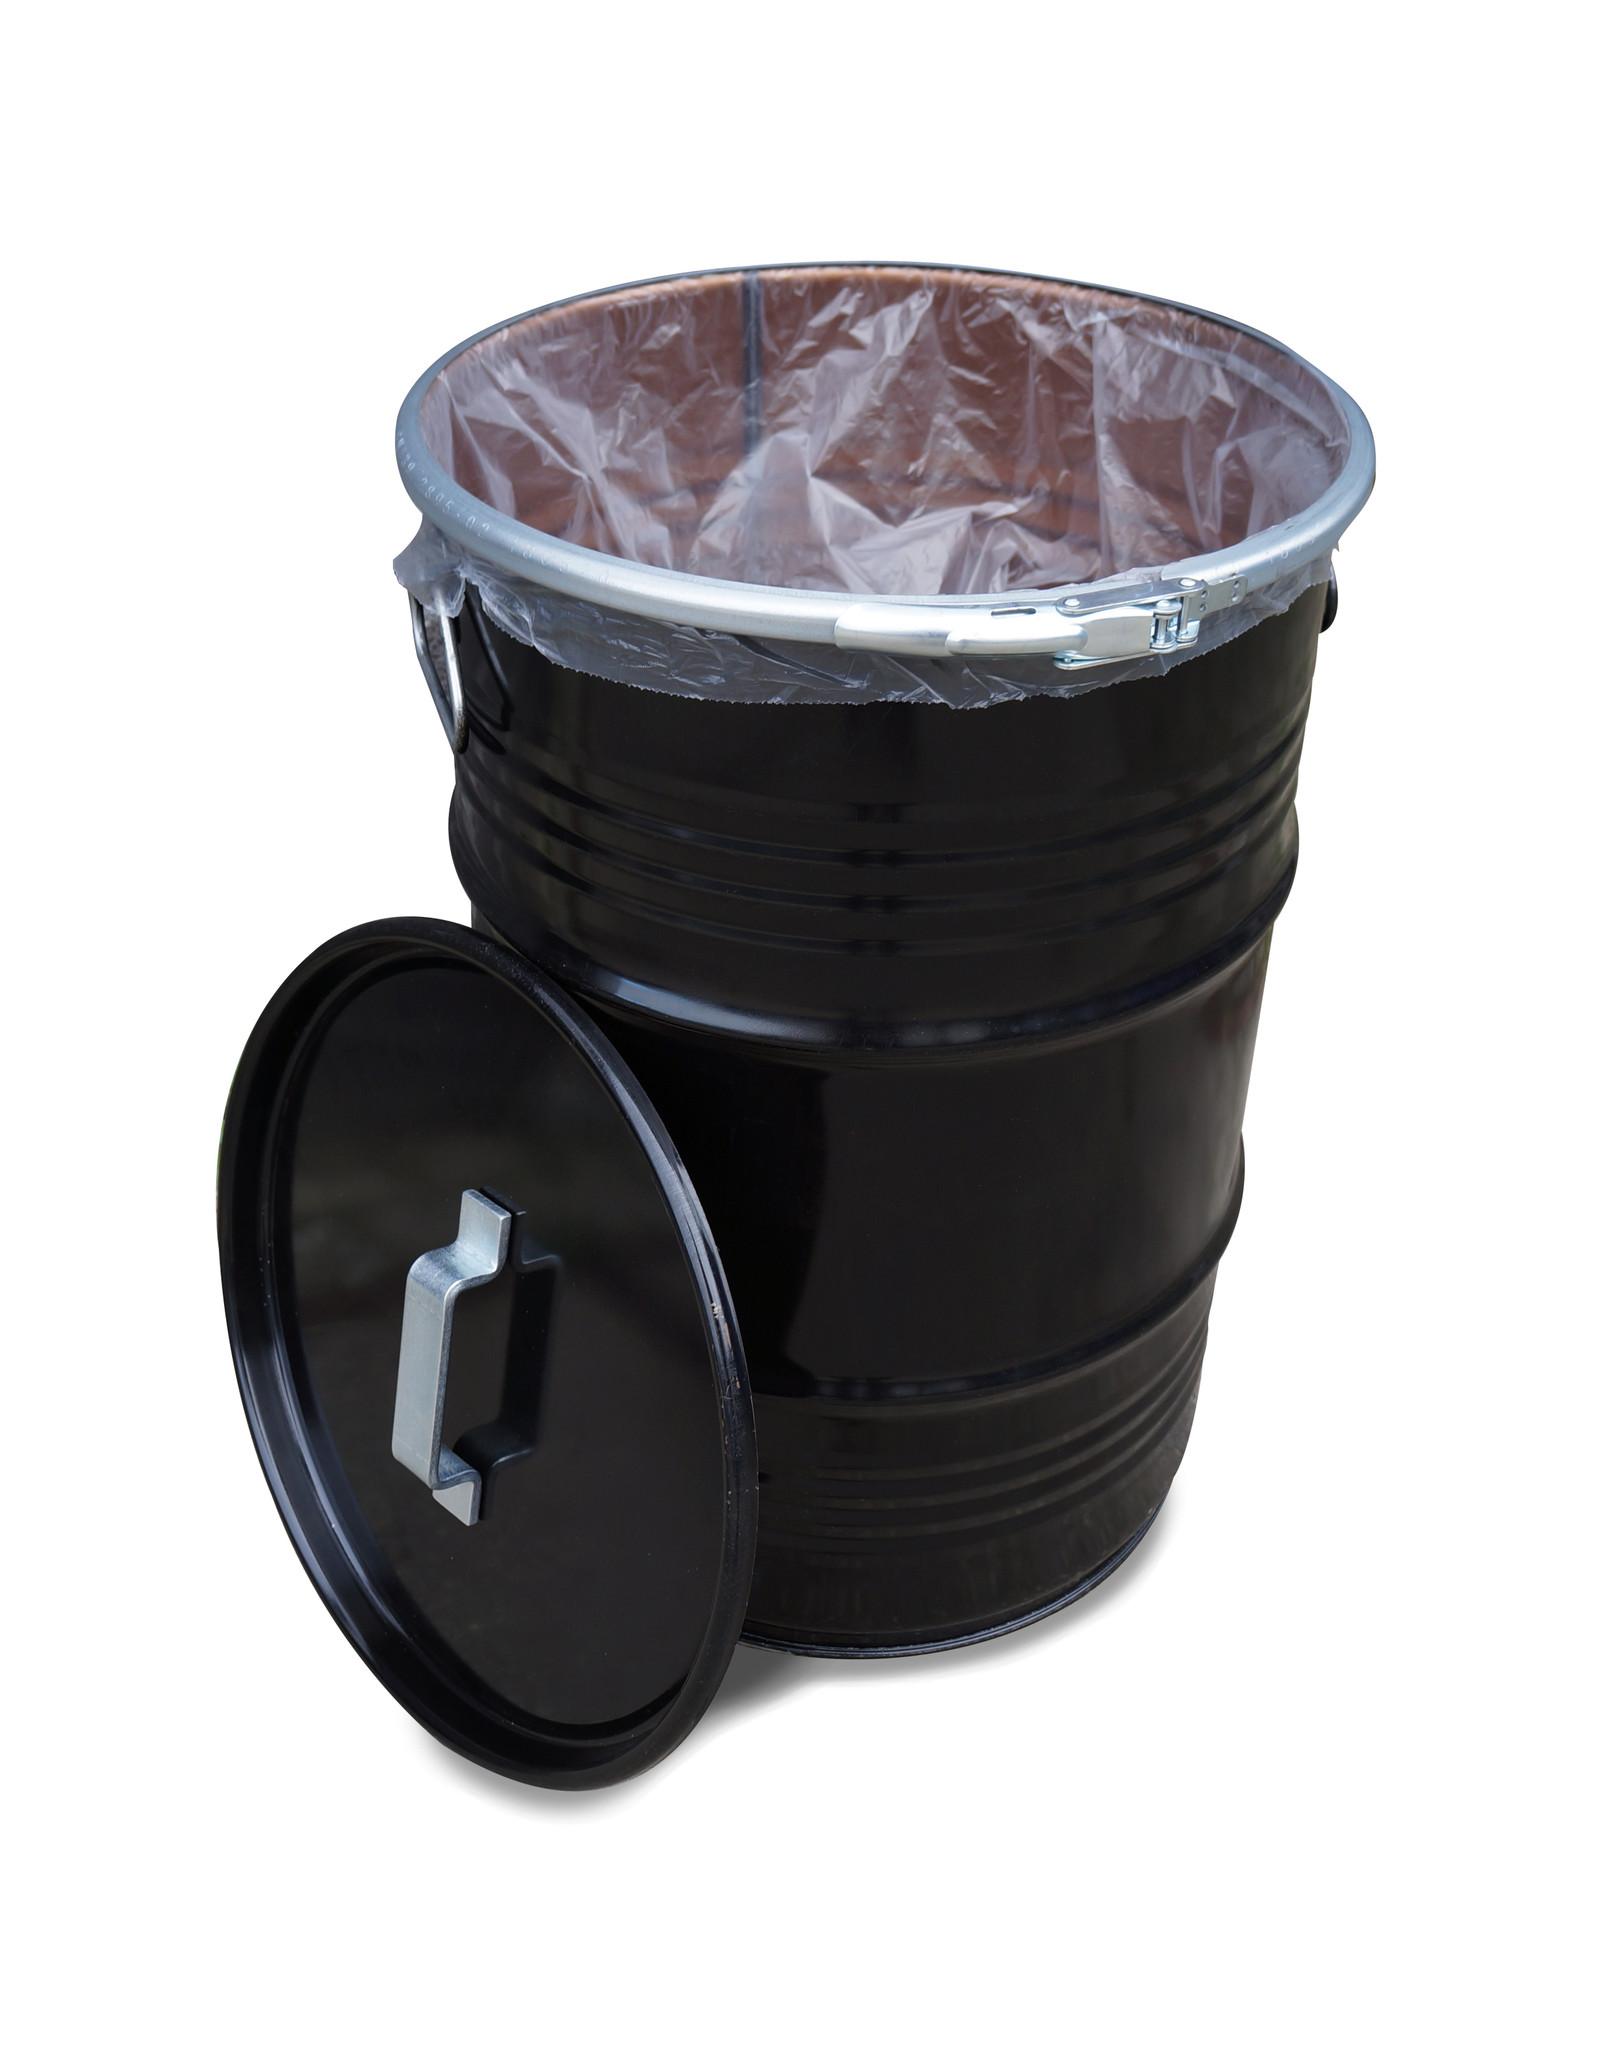 BinBin BinBin rubbish bin, 60L Black